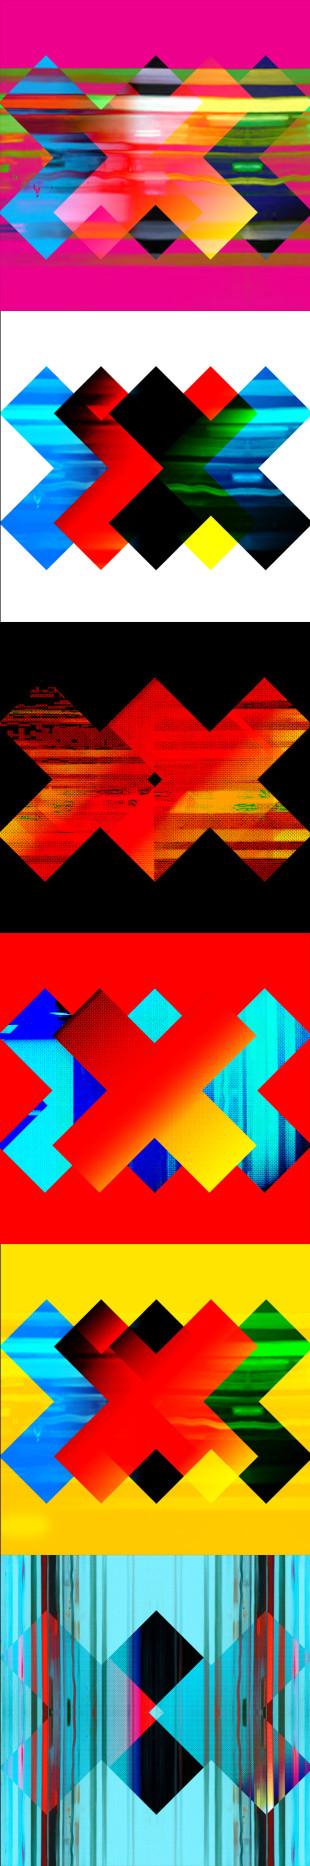 IKONA-ZNAKI - Pejrzaż miejski Marcin Oczkowski OKI grafika cyfrowa _Page_01